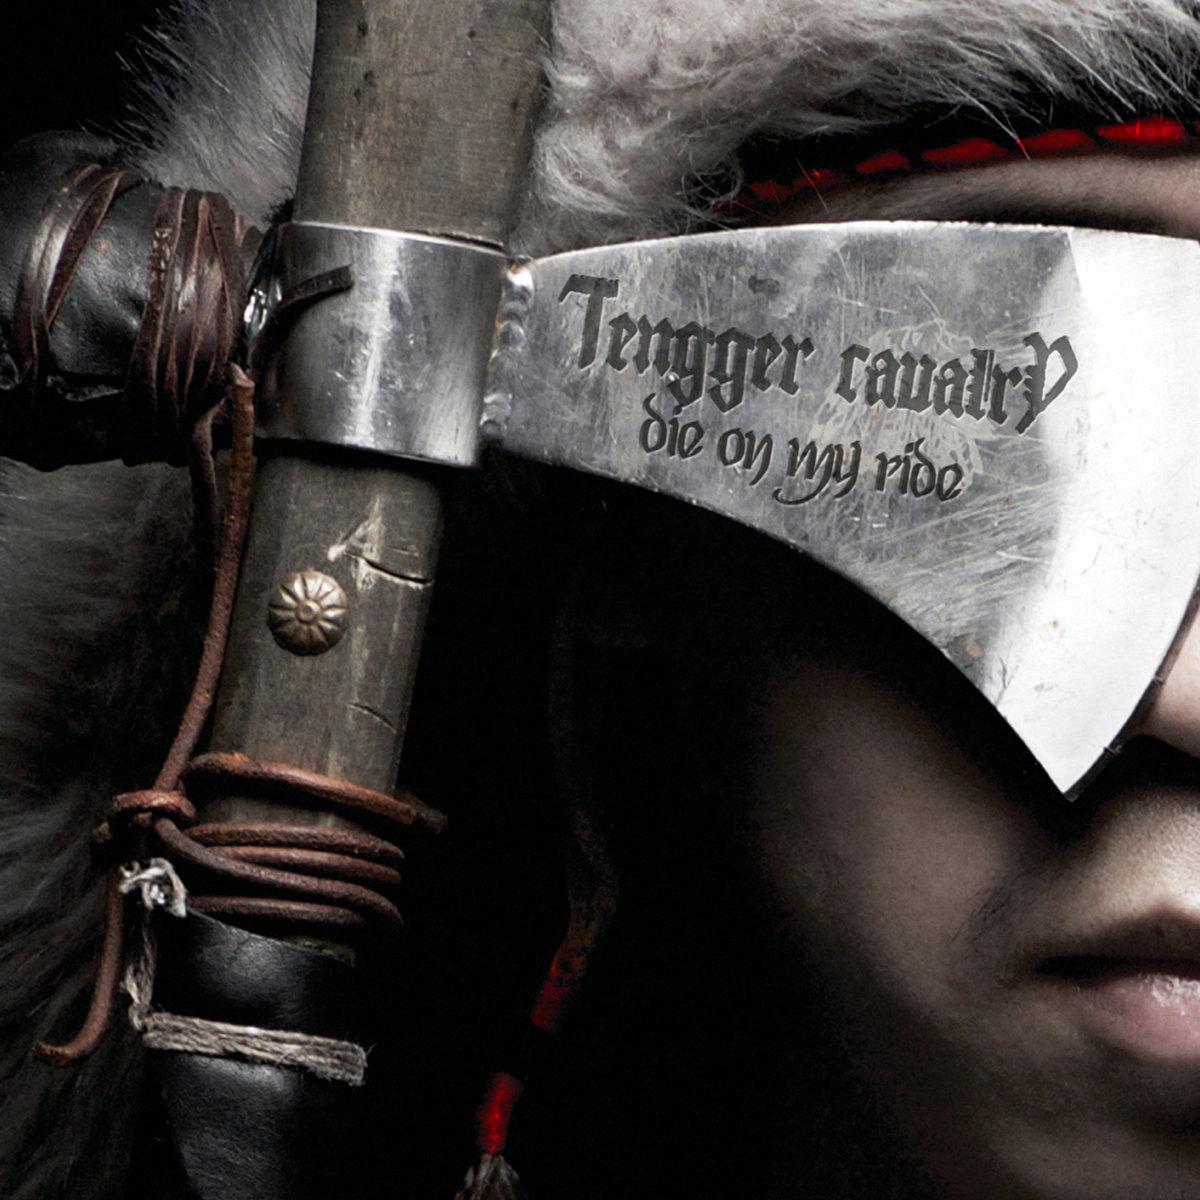 tengger